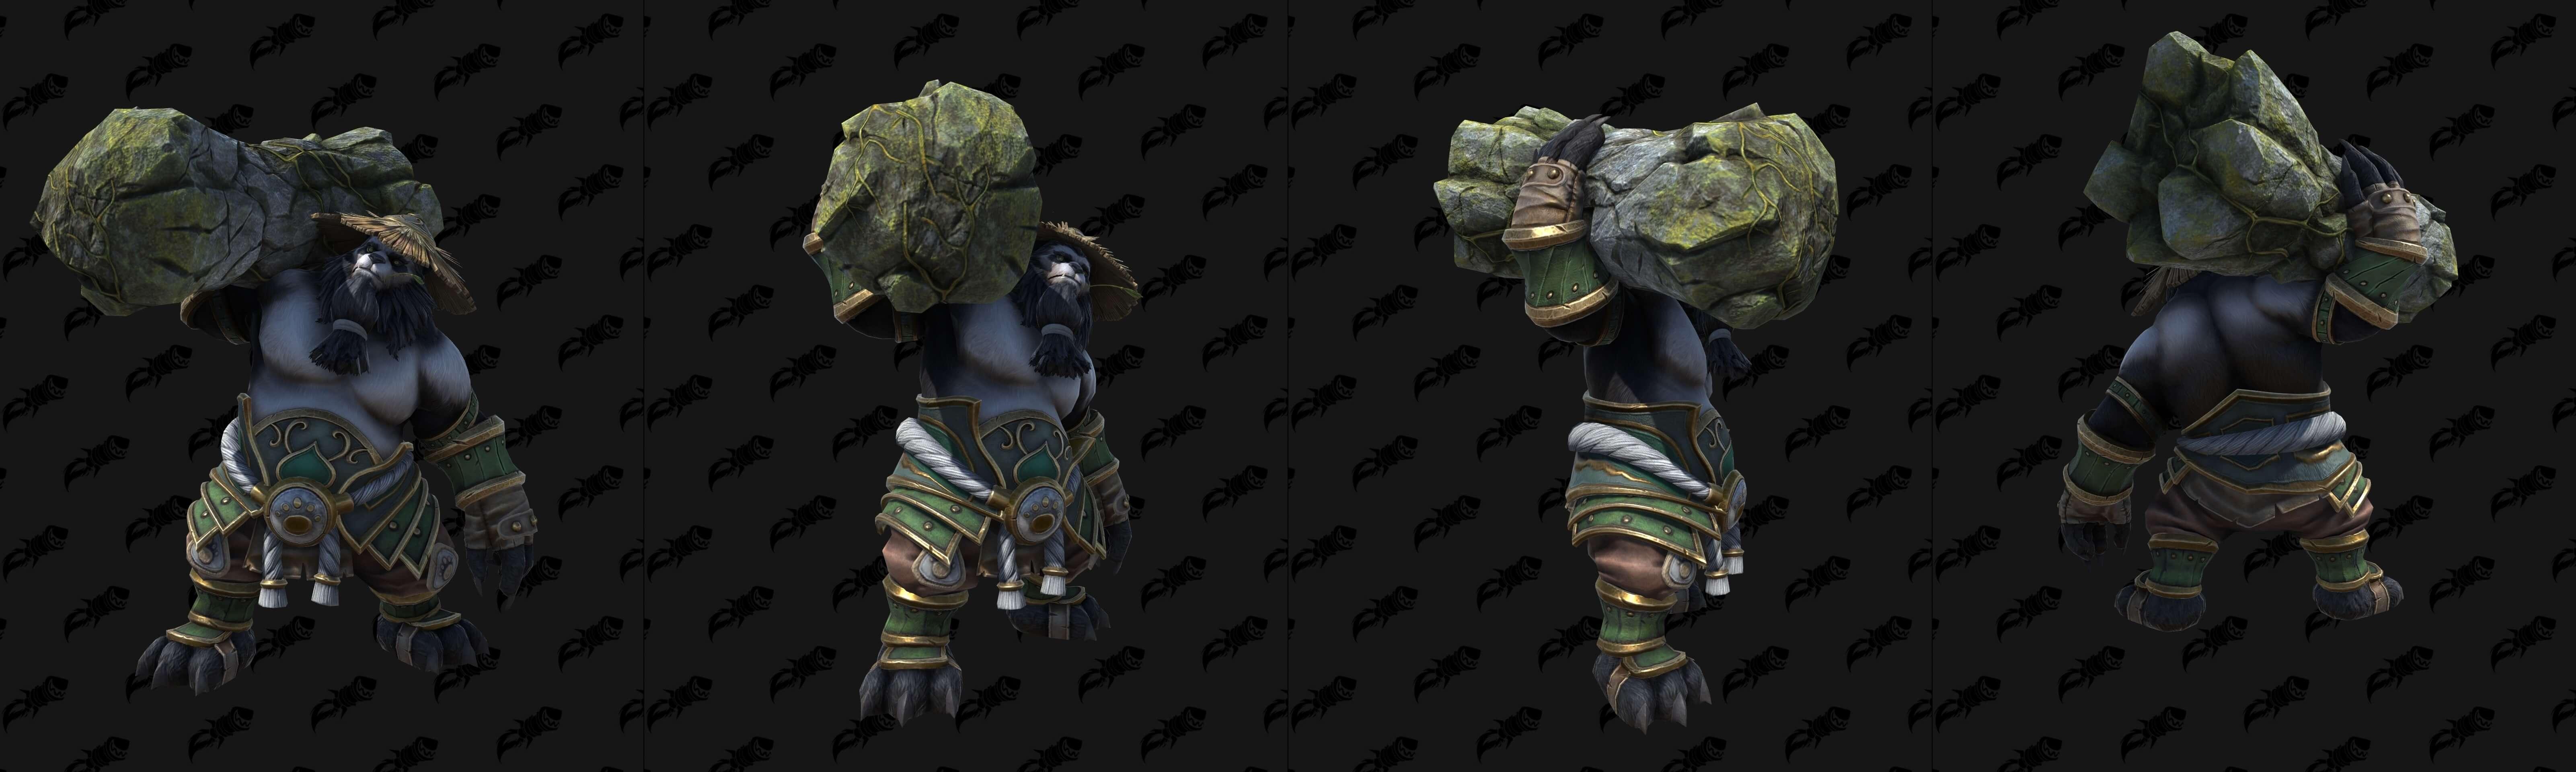 Чэнь Буйный Портер (Земля) Warcraft lll: Reforged